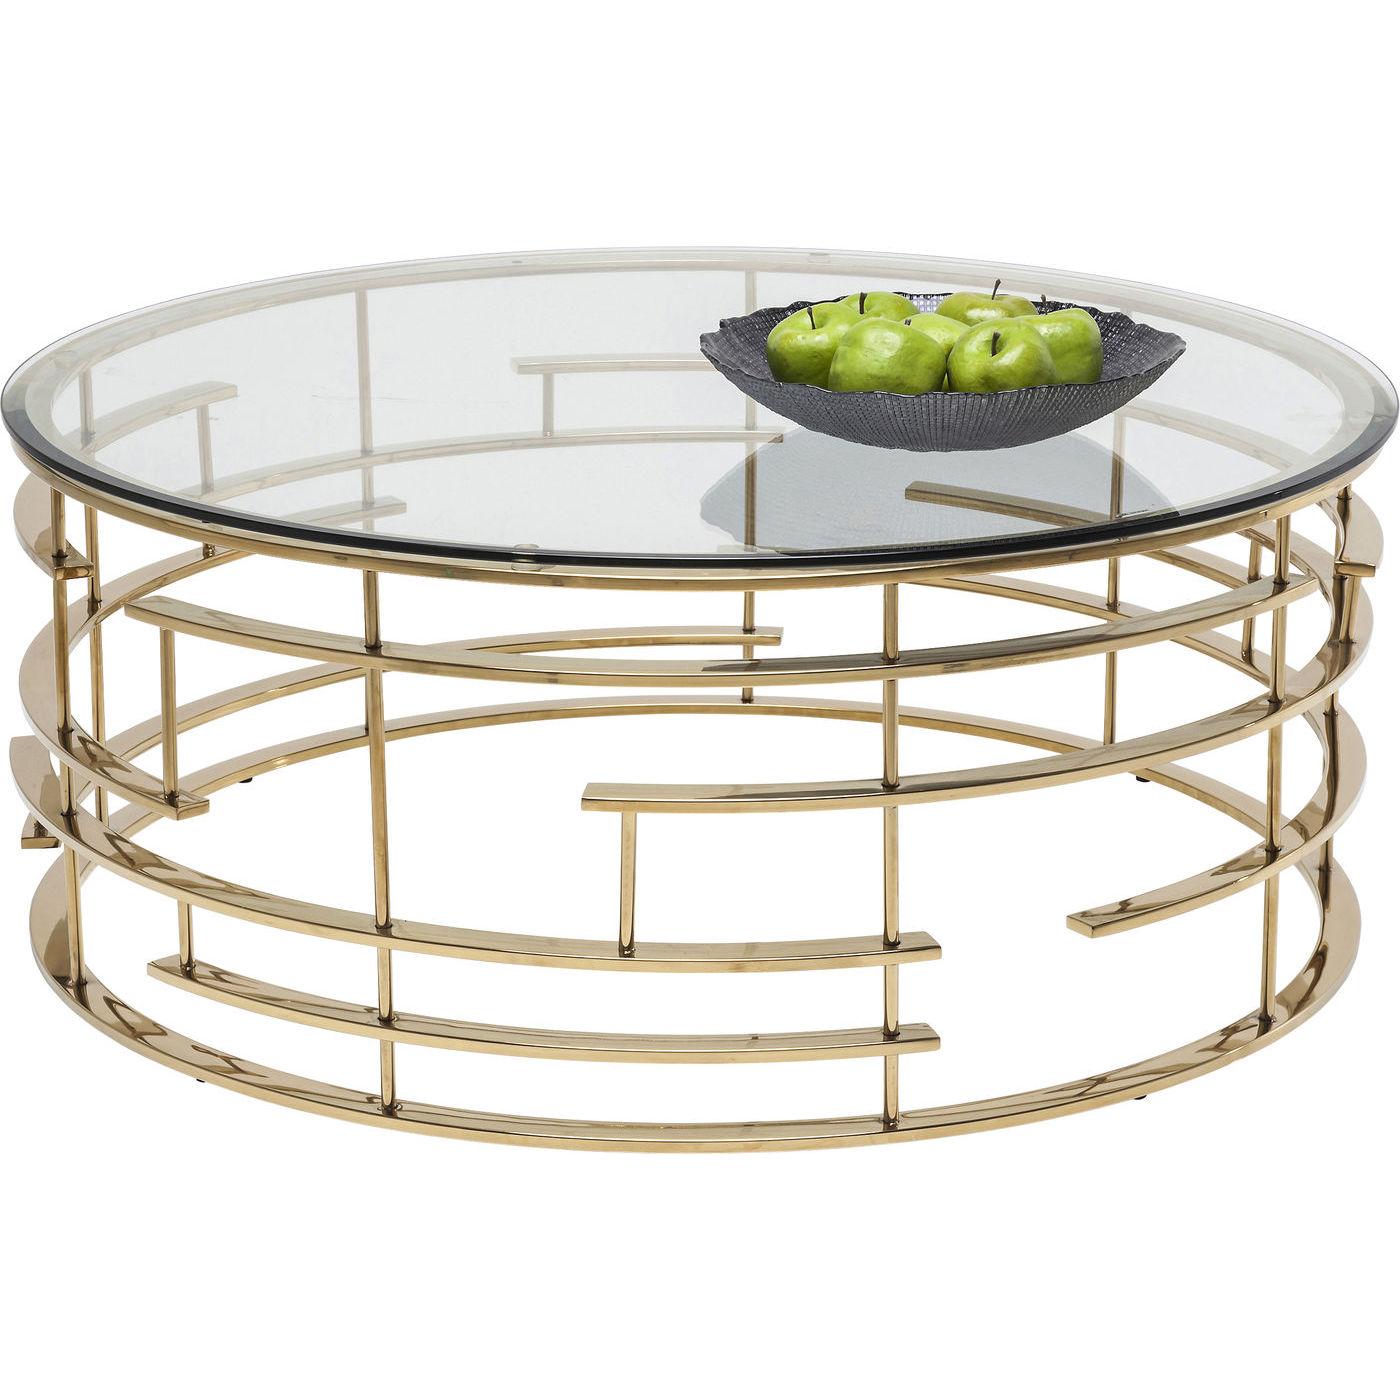 Kare design jupiter sofabord - glas/guld stål, rundt (ø100) fra kare design på boboonline.dk